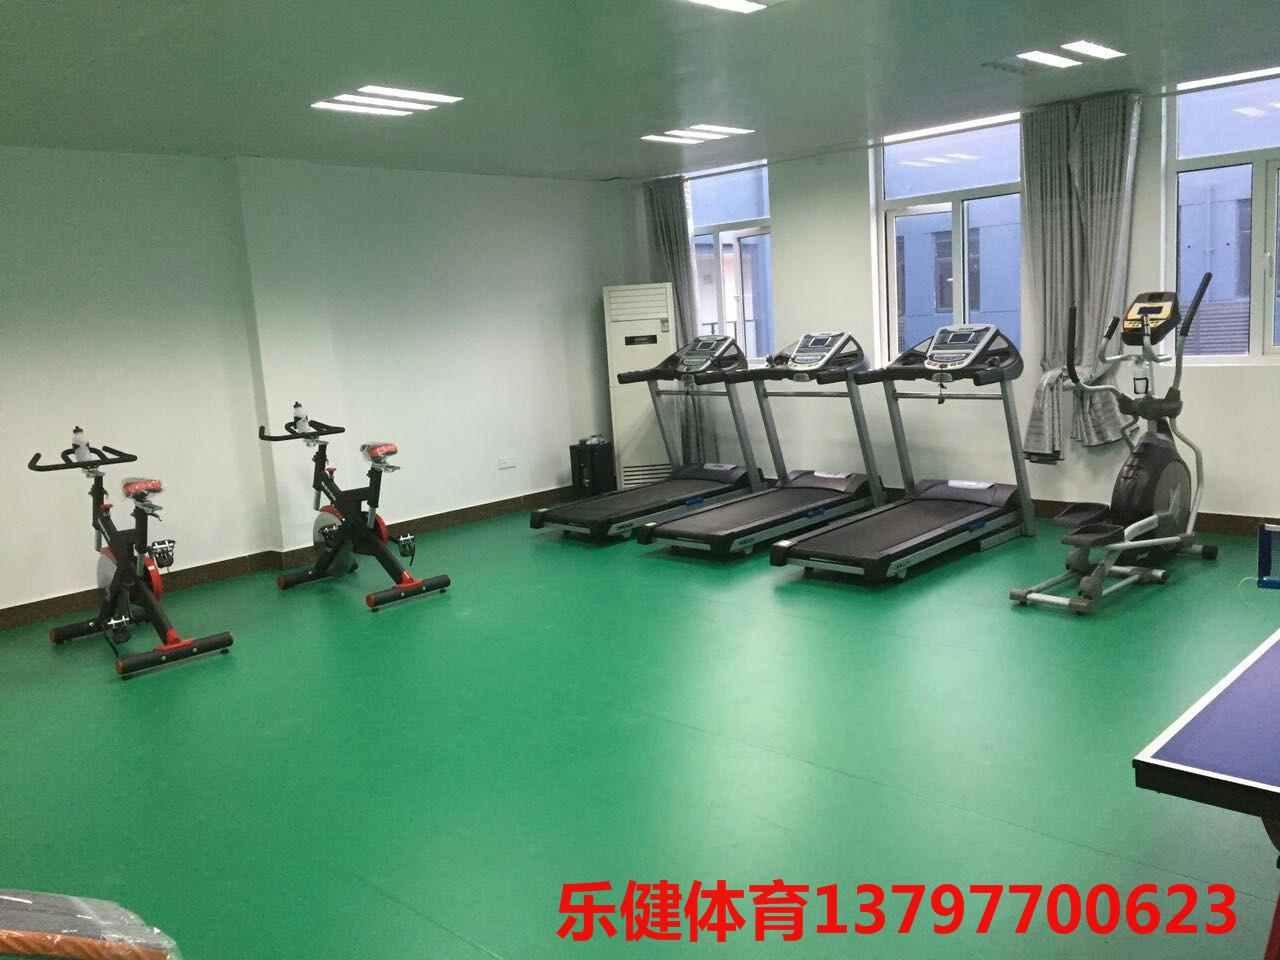 工程案例健身房